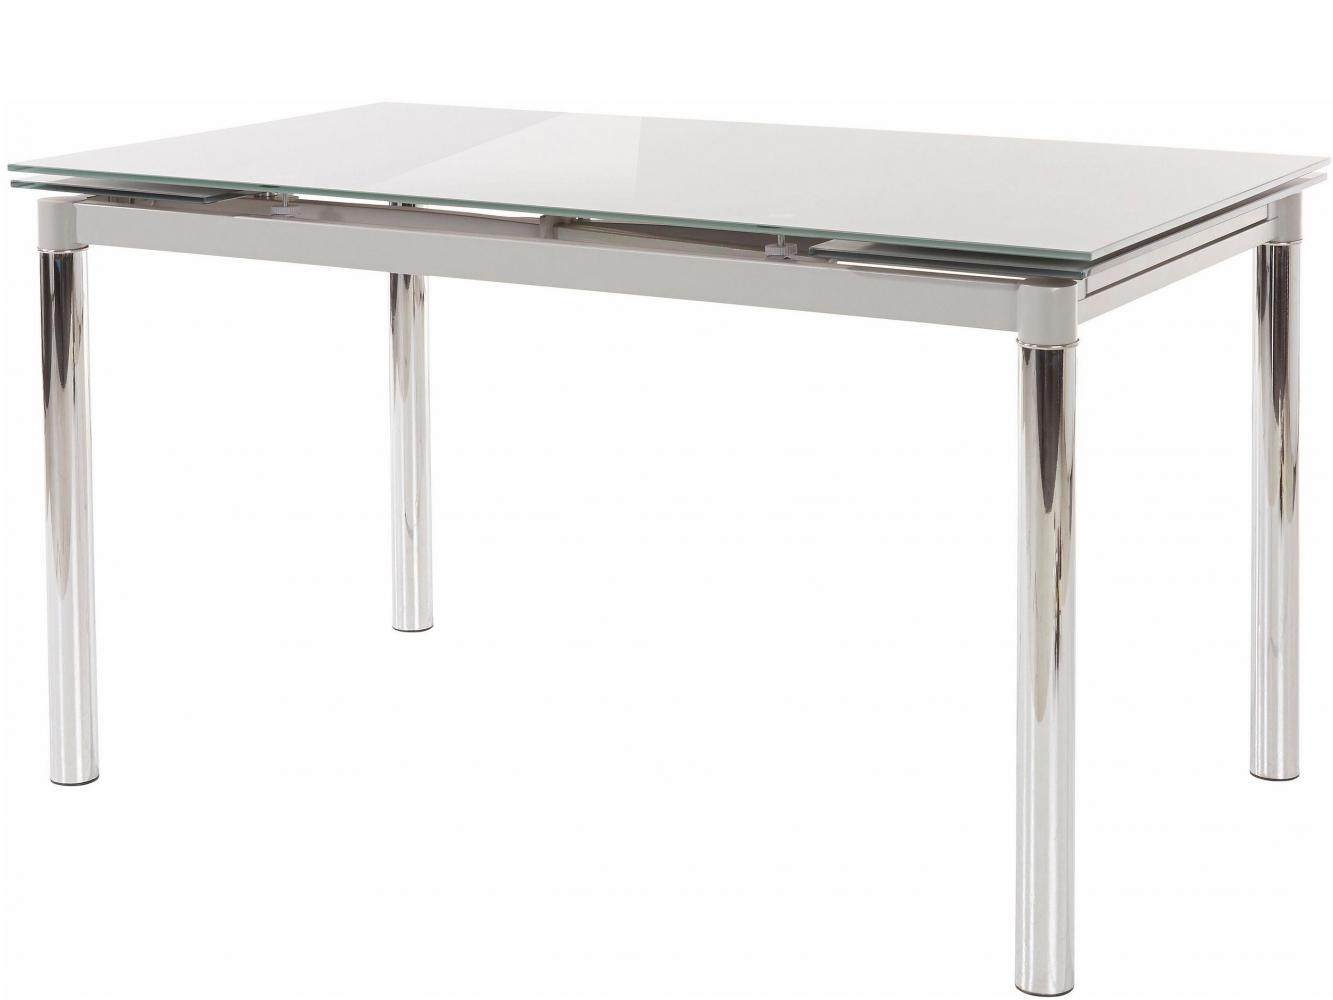 Jídelní stůl Pipa, 200 cm, šedá